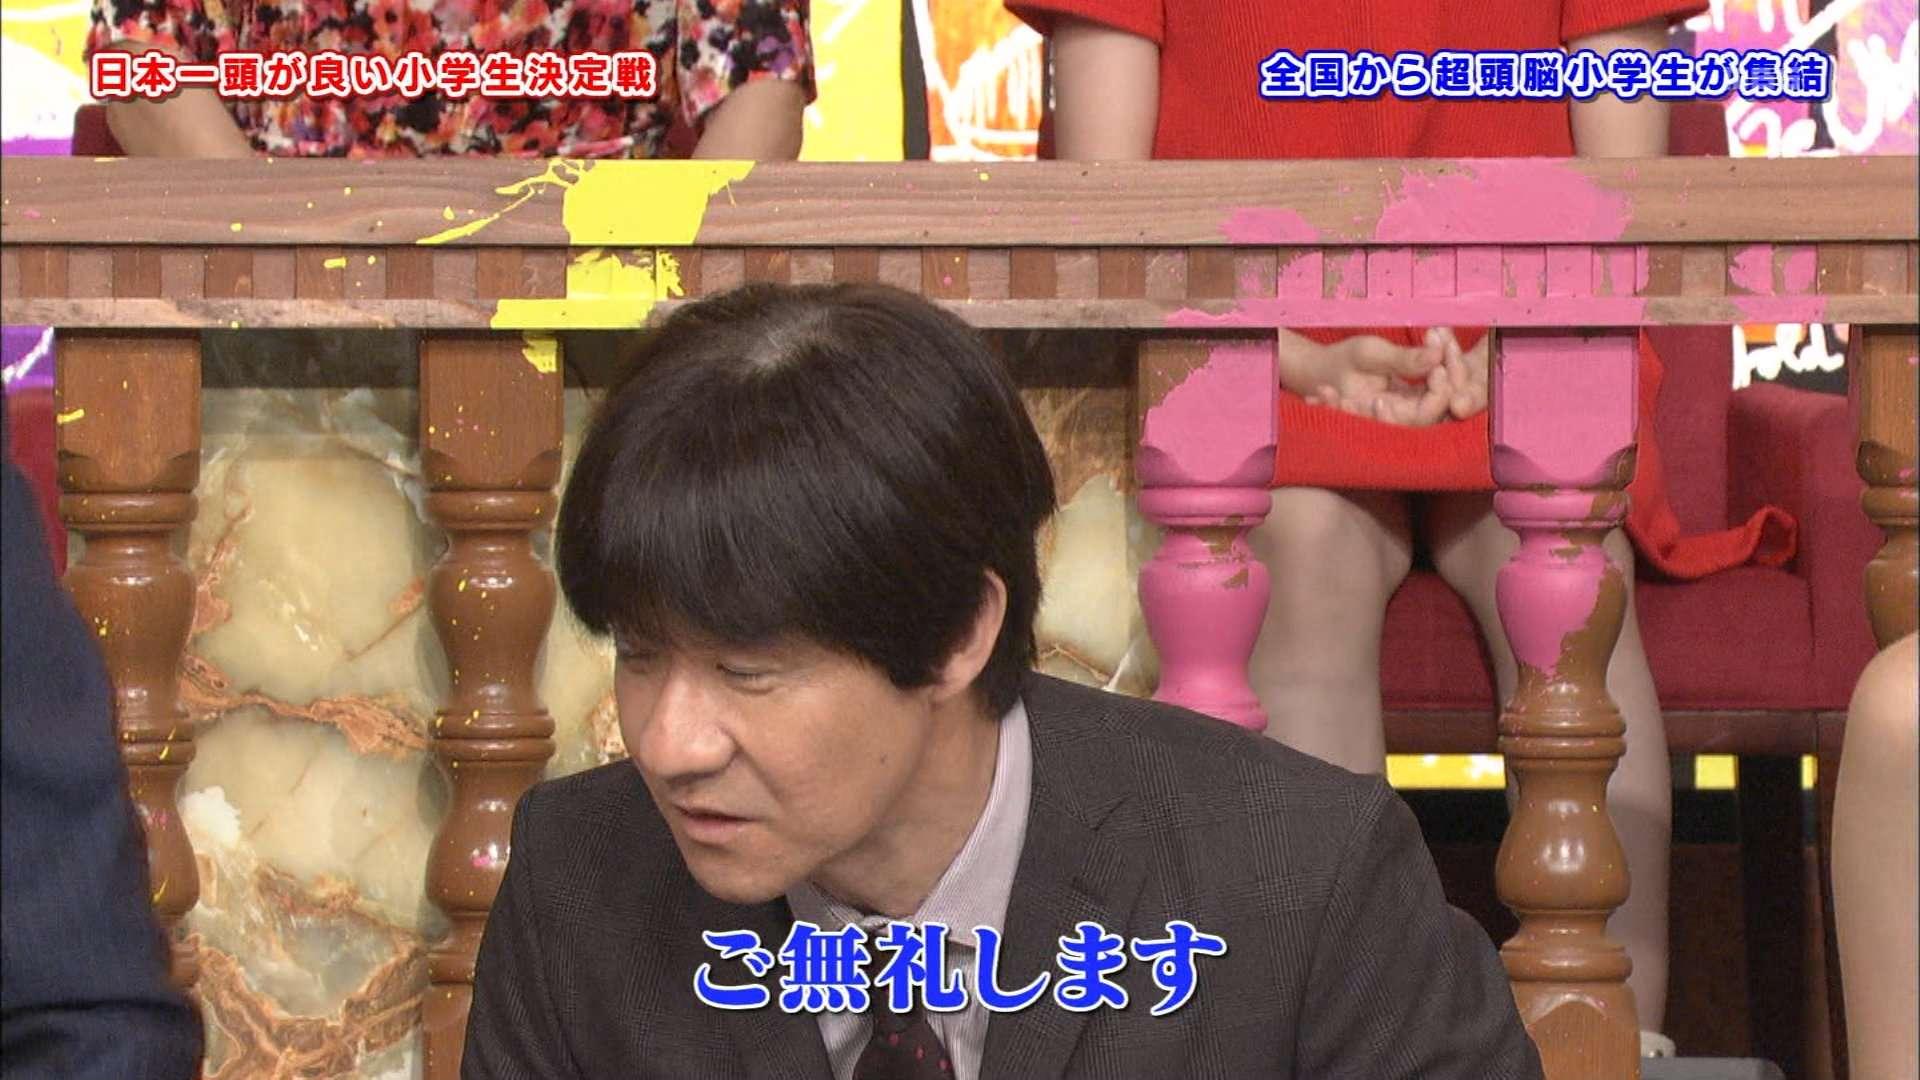 本田望結のお宝エロ画像